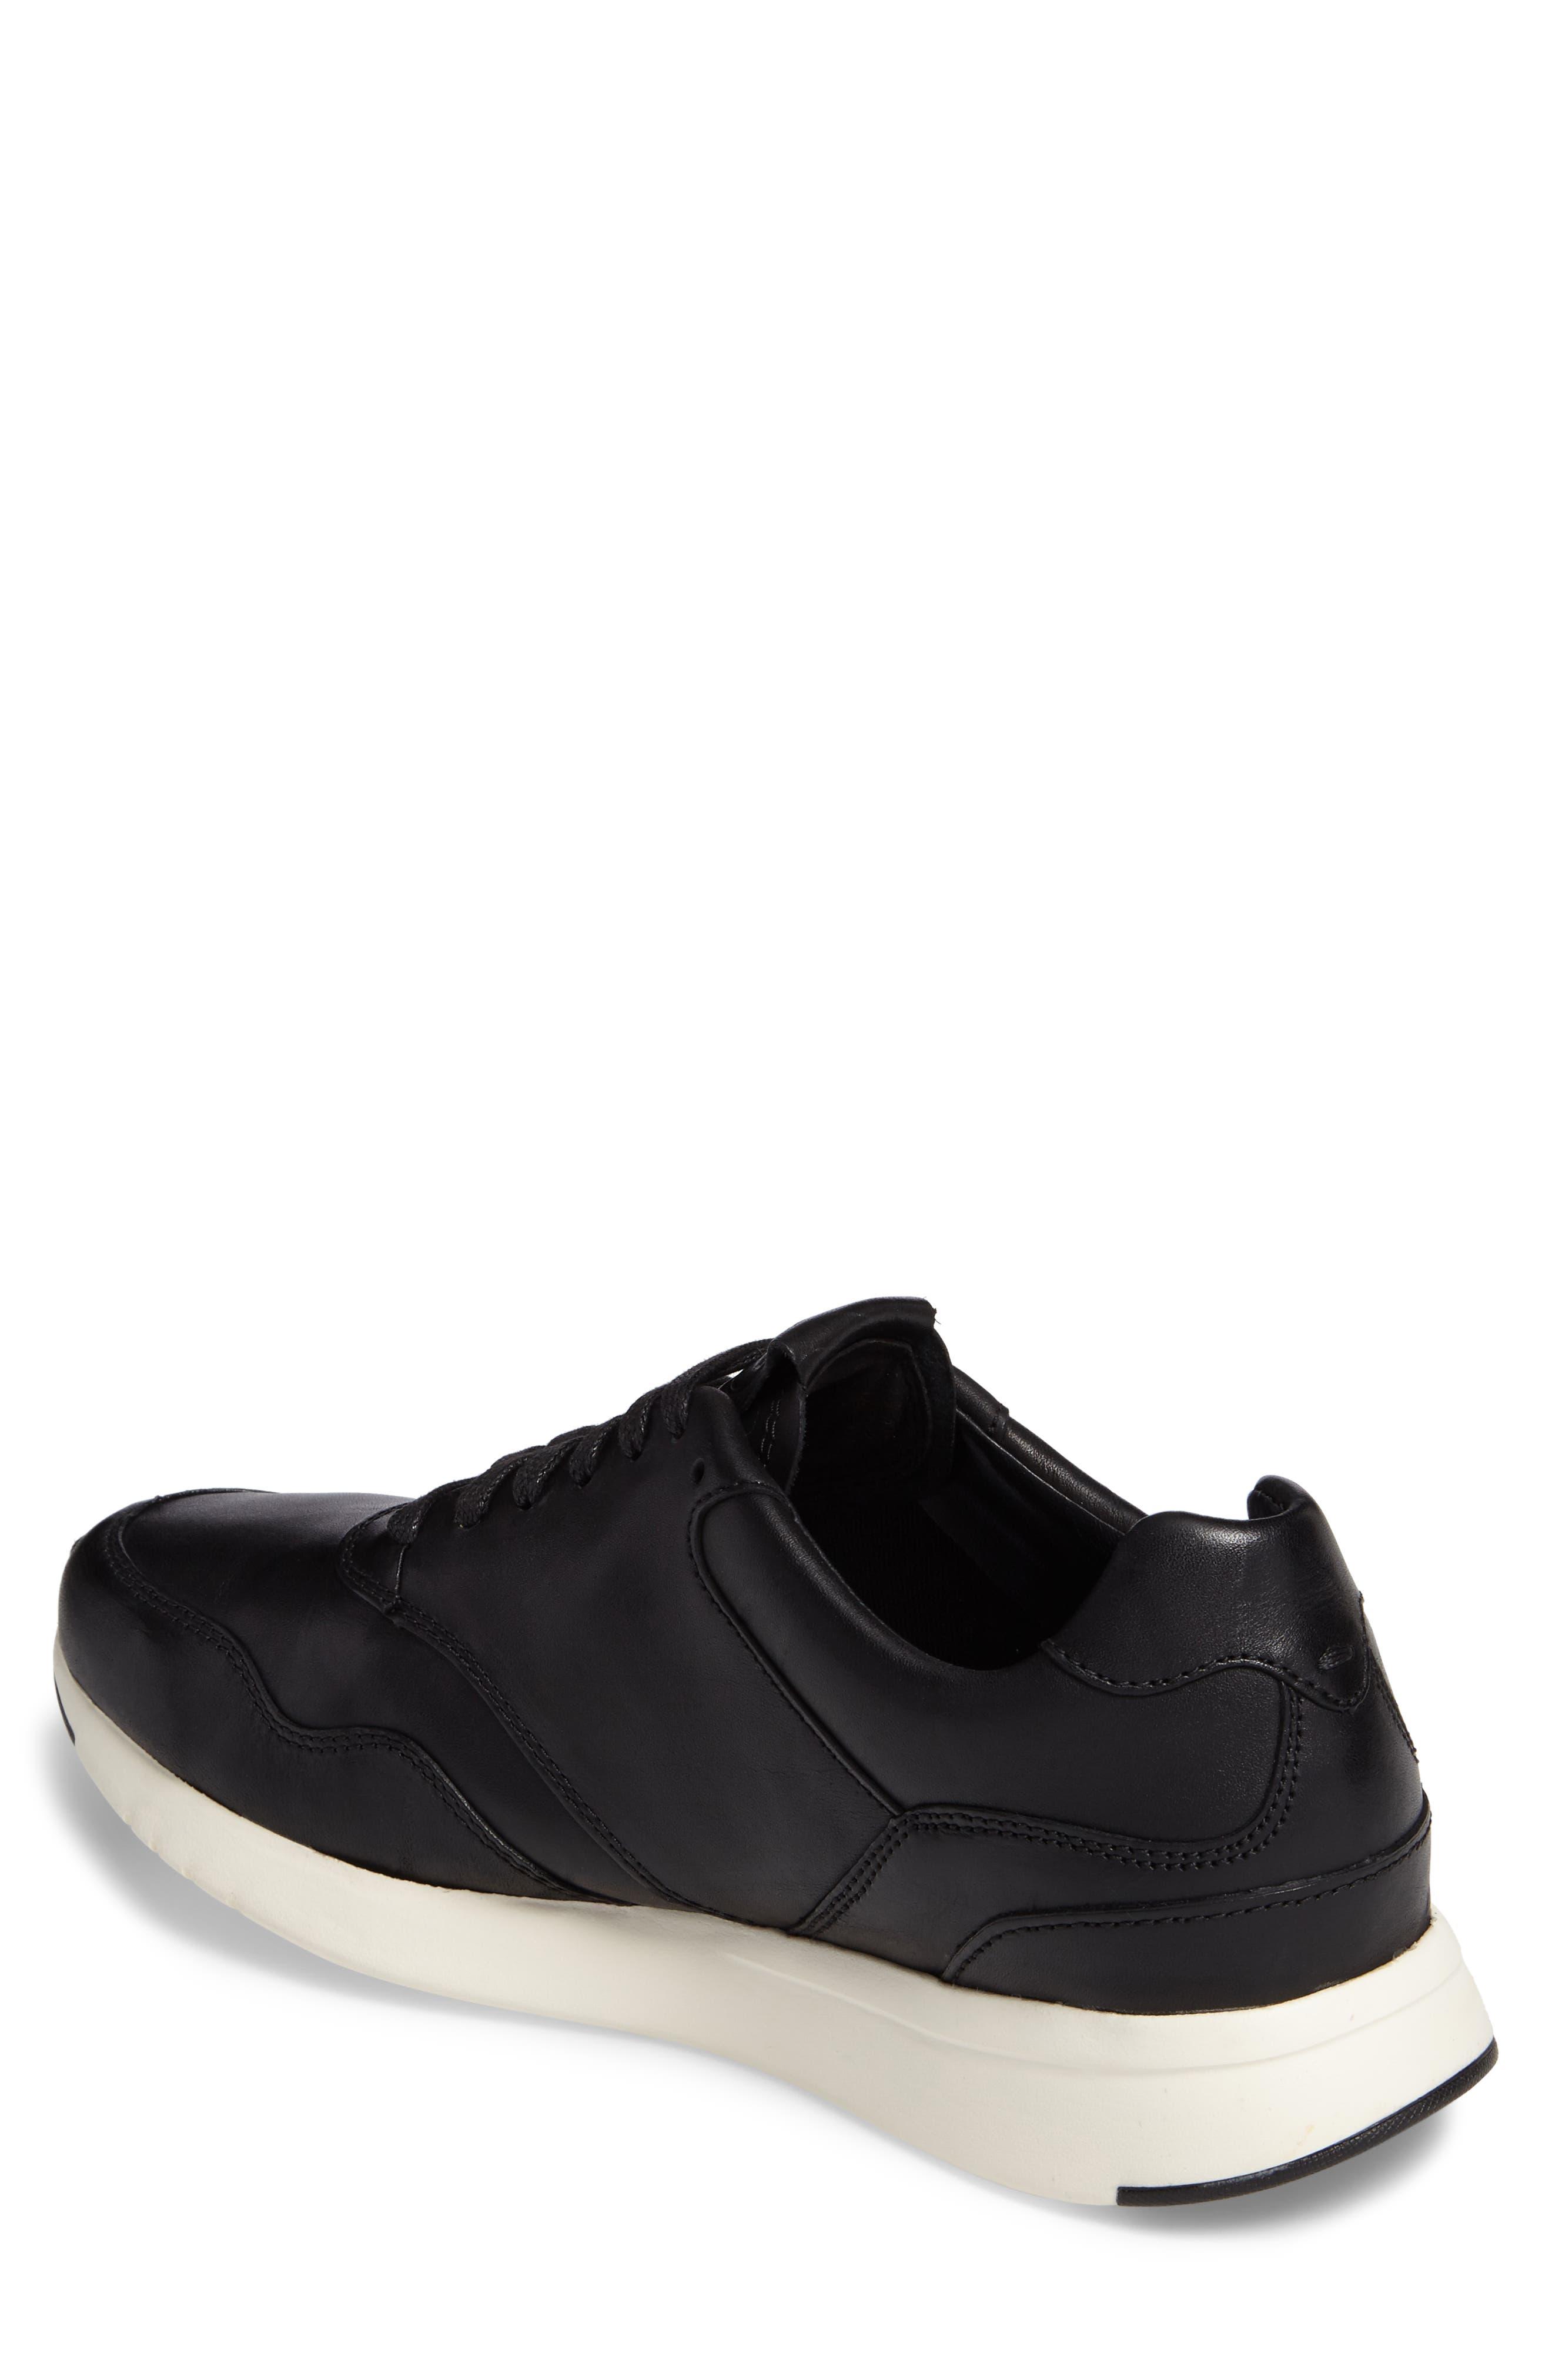 GrandPro Runner Sneaker,                             Alternate thumbnail 5, color,